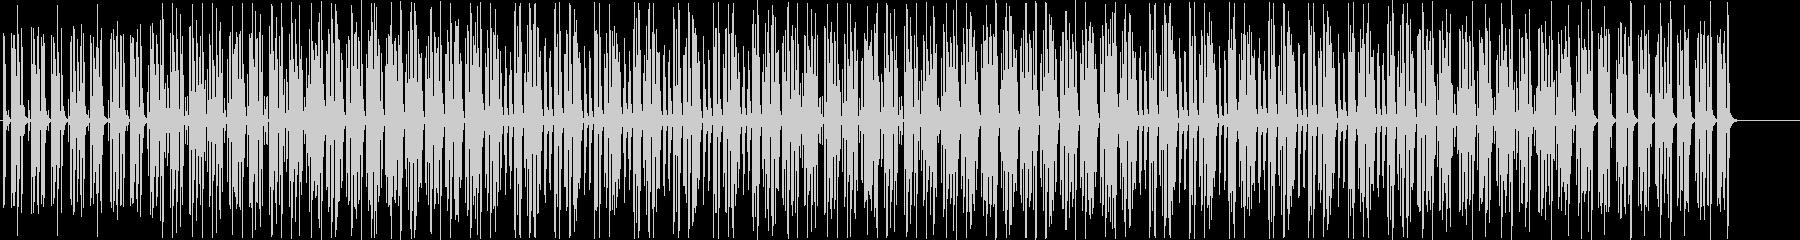 可愛い-軽快-ハウスポップ-BGM-番組の未再生の波形